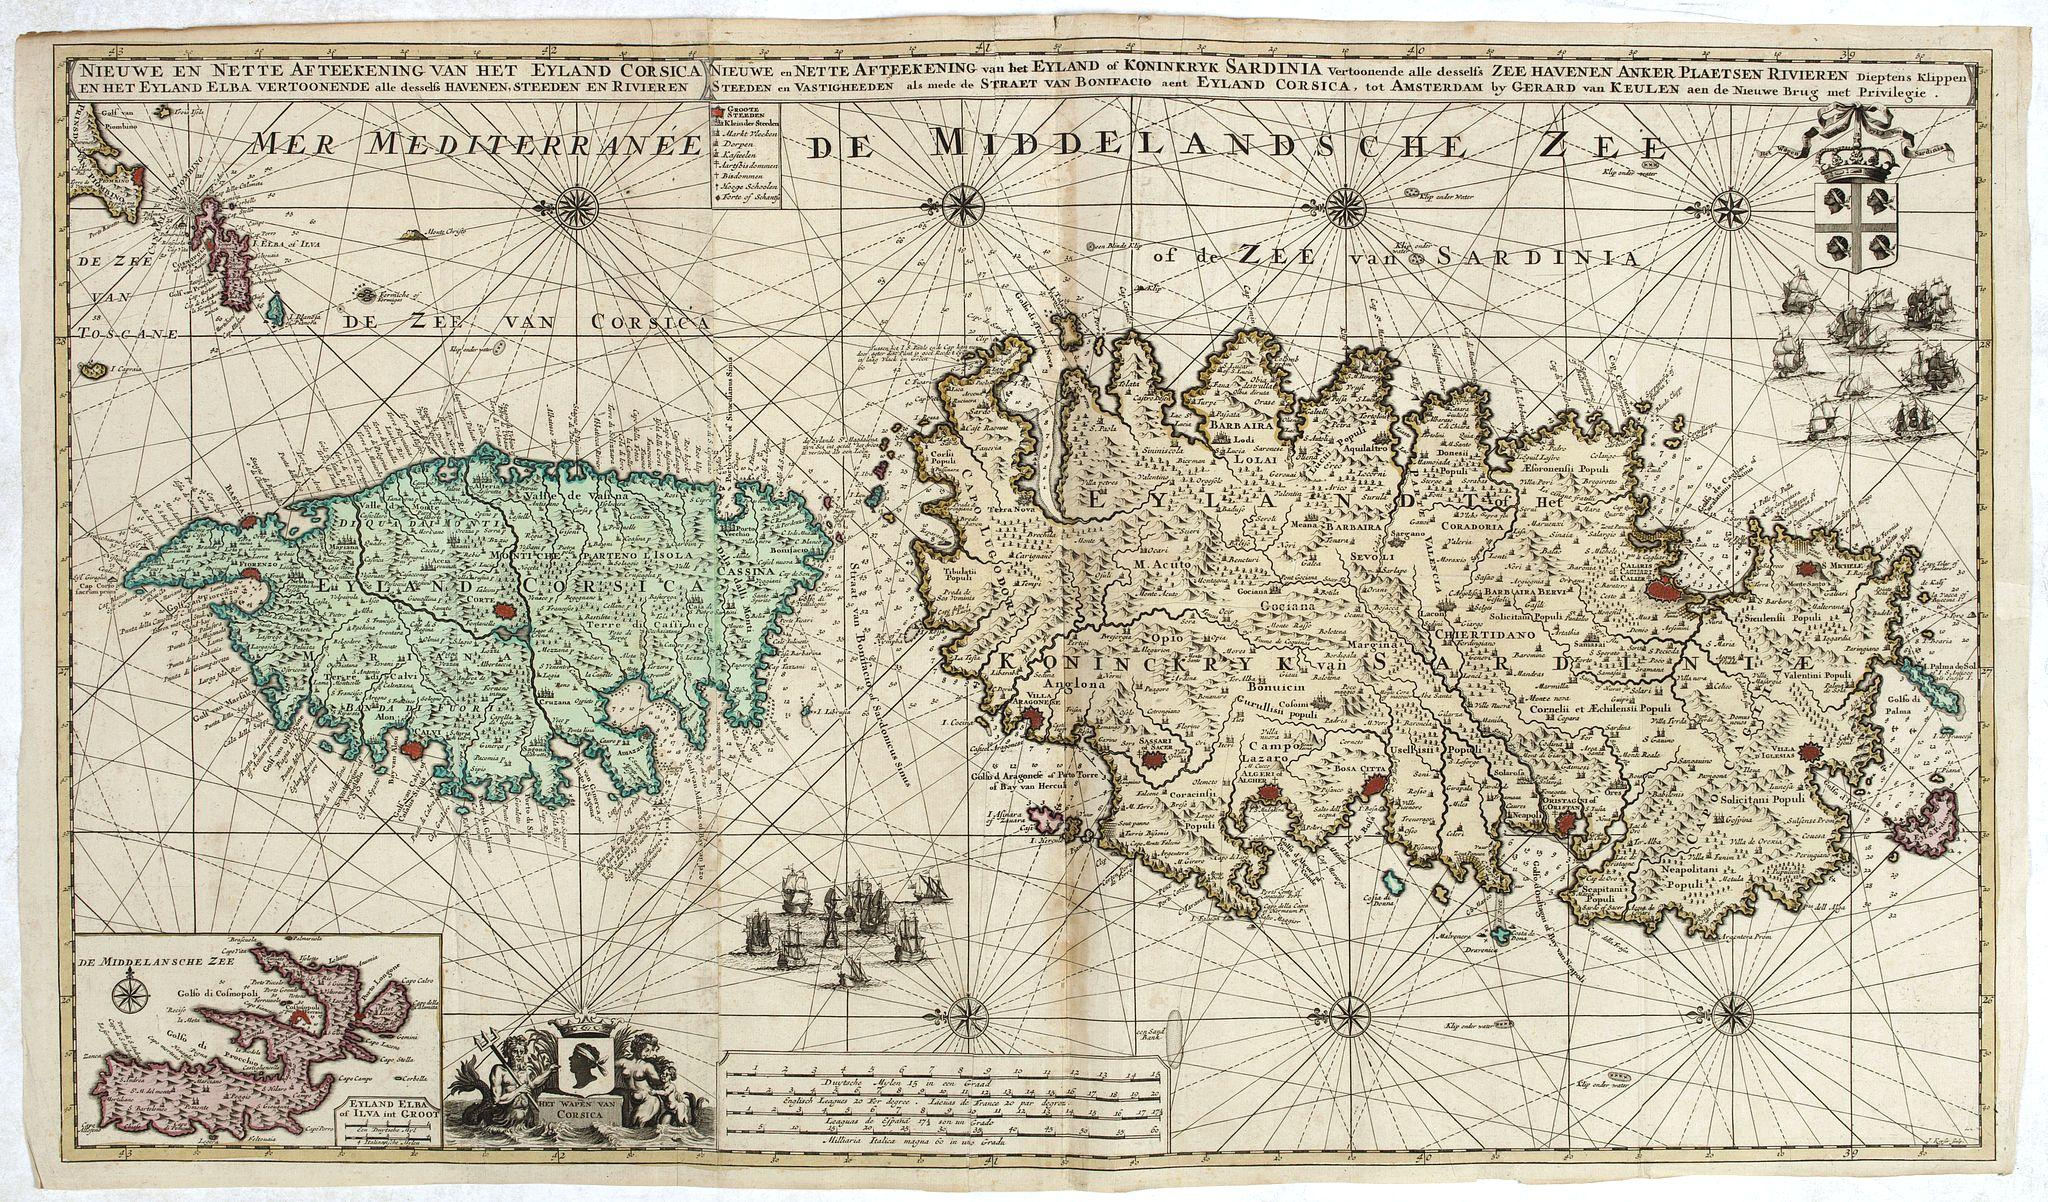 VAN KEULEN, G. -  Nieuwe en Nette Afteekening van het Eyland Corsica en het Eyland Elba vertoonende alle desselfs Havenen, Steeden en Rivieren . . .